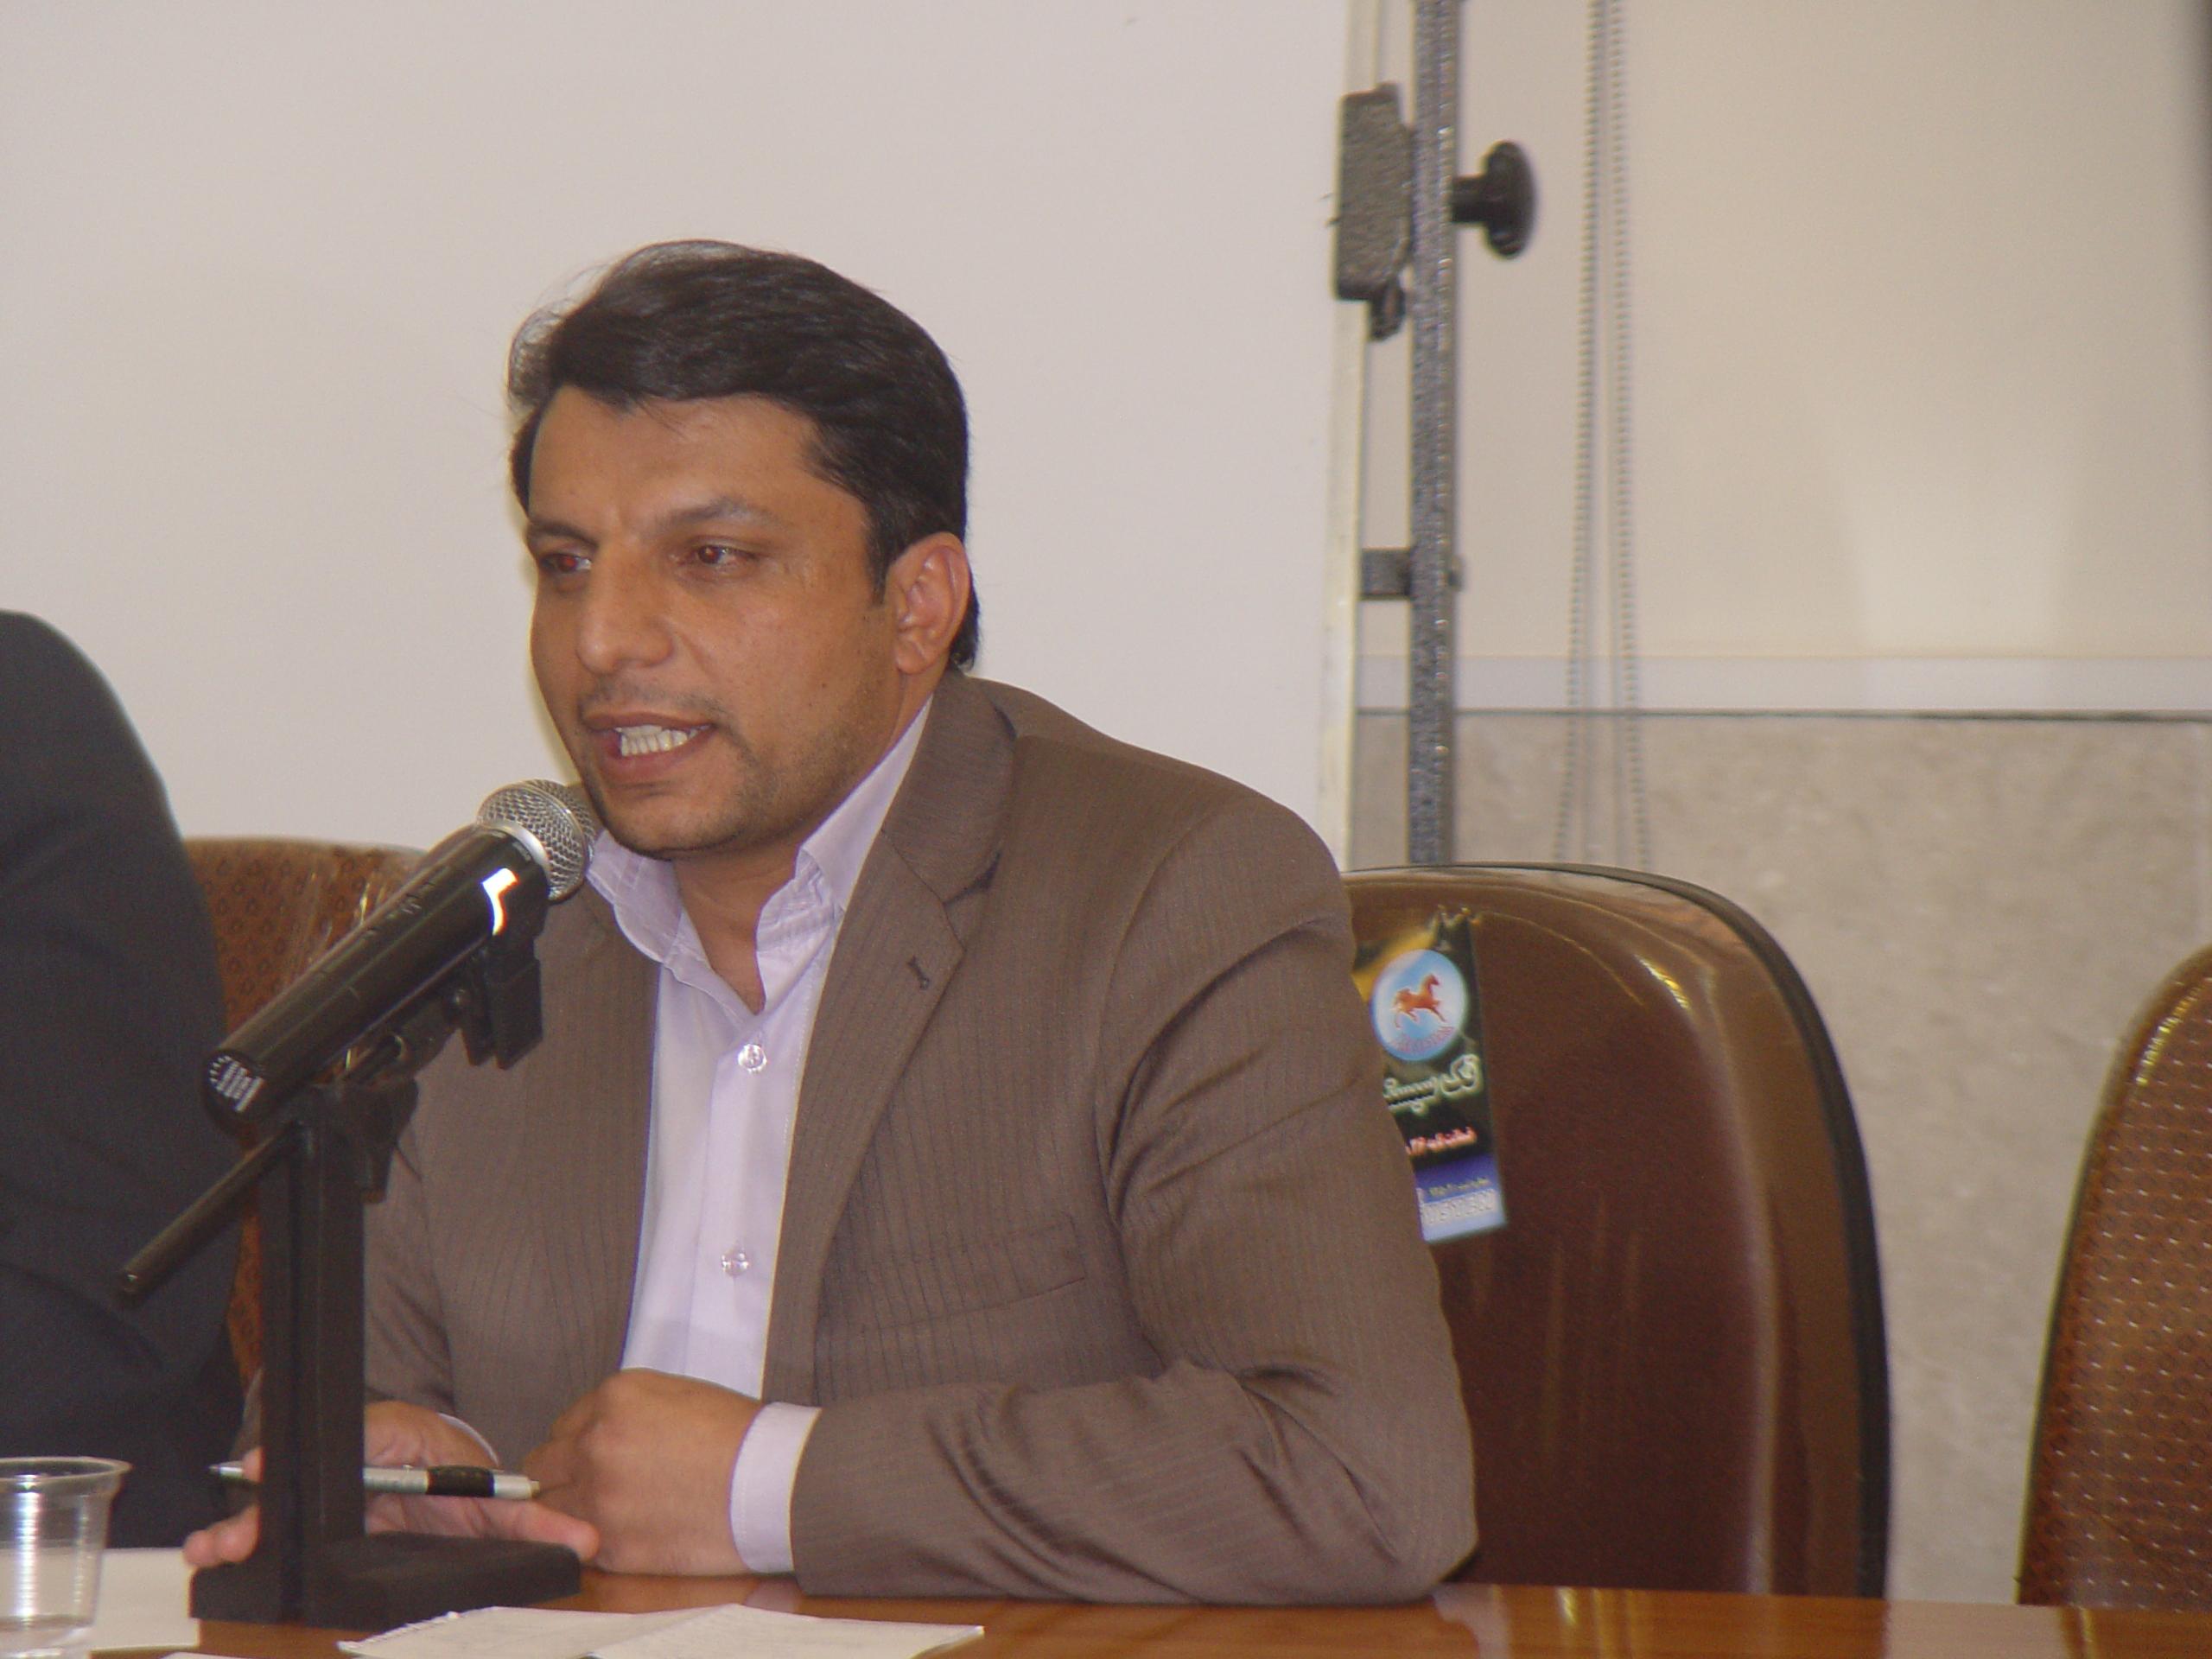 علی اکبر محمدی الموتی معاون اداری مالی دانشگاه فرهنگیان قزوین